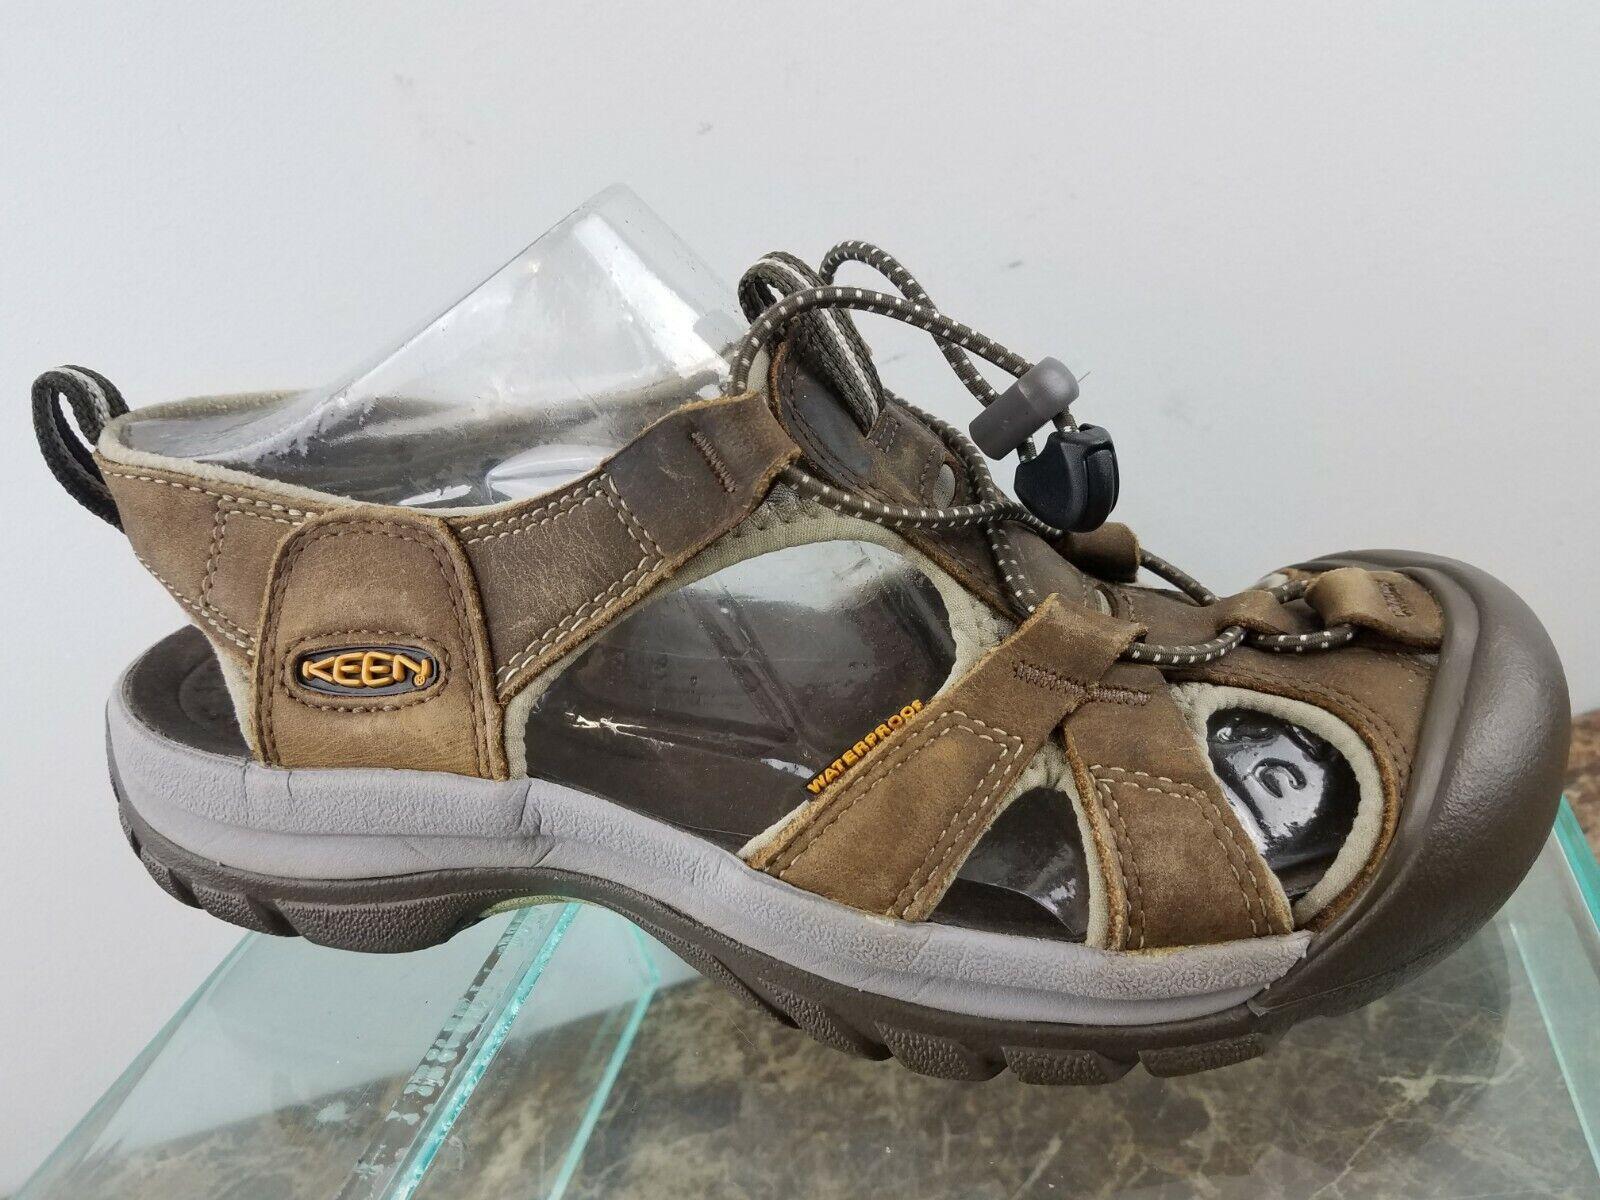 Keen Newport marron en cuir imperméable marche Fisherhomme Trail Sandales Femme 8